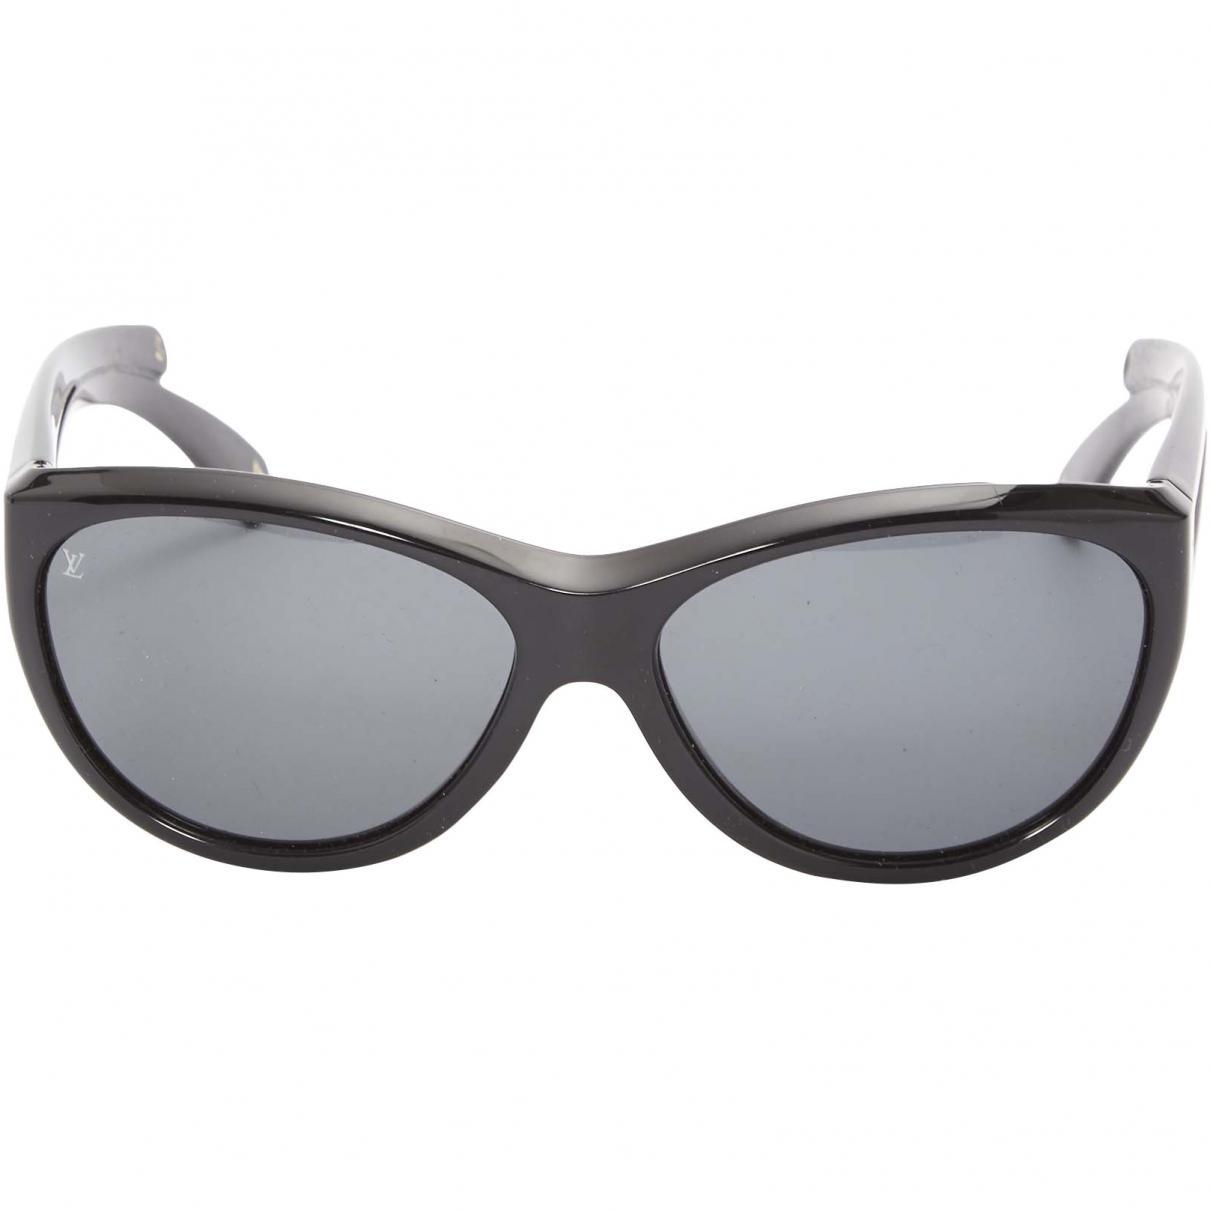 c7d4af44131e Lyst - Louis Vuitton Sunglasses in Black